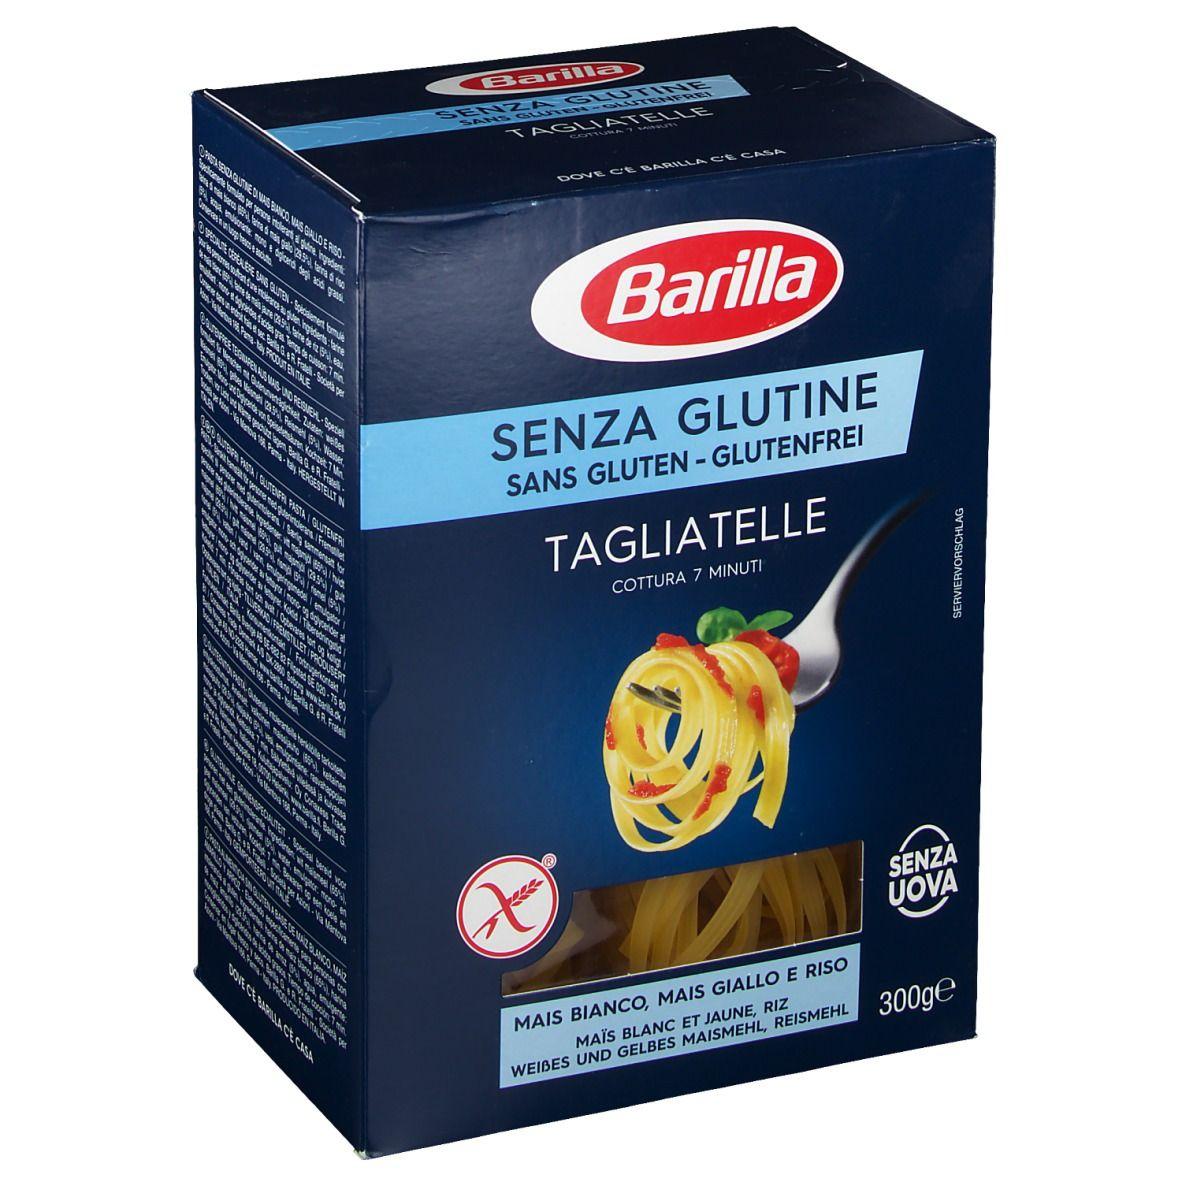 Barilla Senza Glutine tagliatelle 300 g